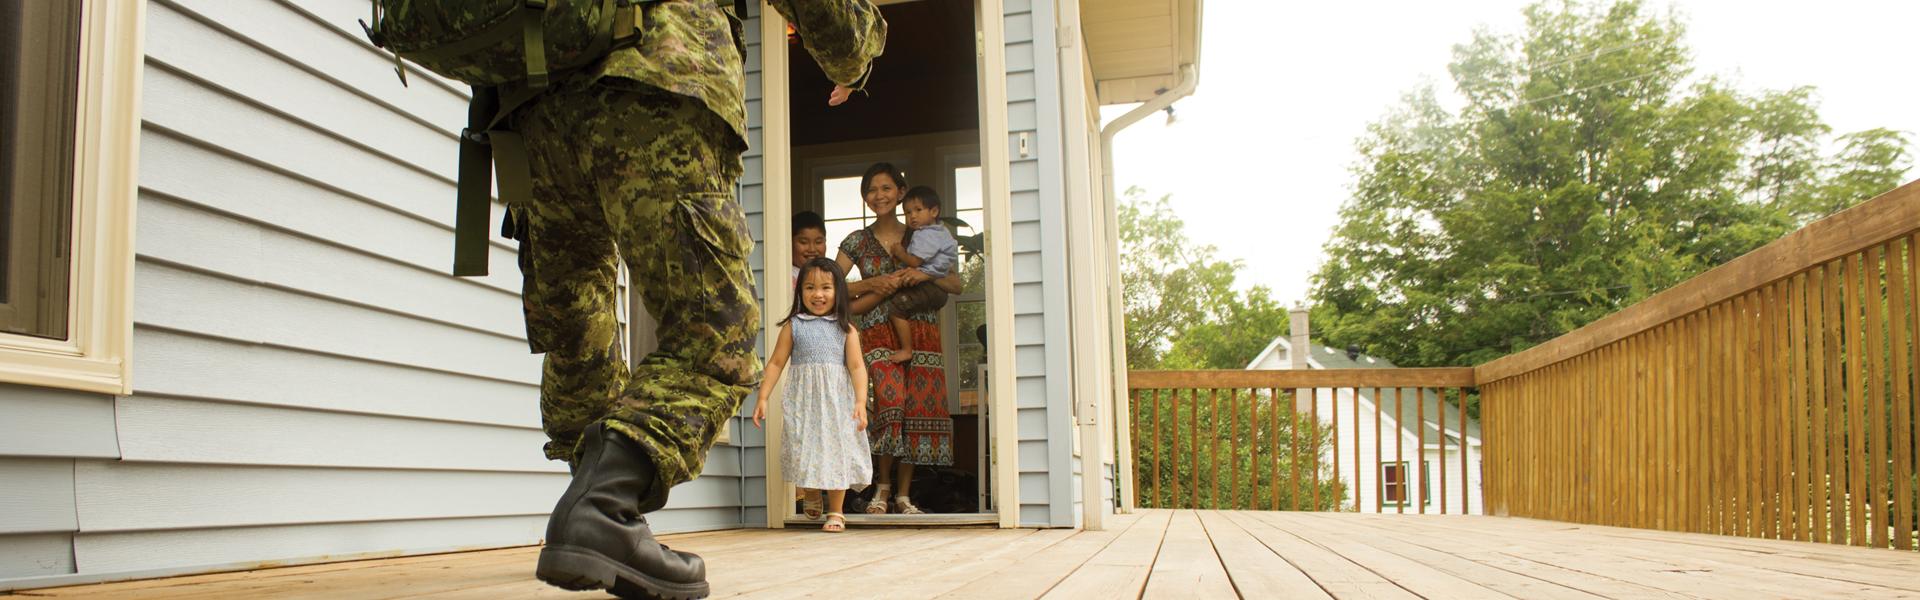 Soldat de retour à la maison qui salue sa famille.